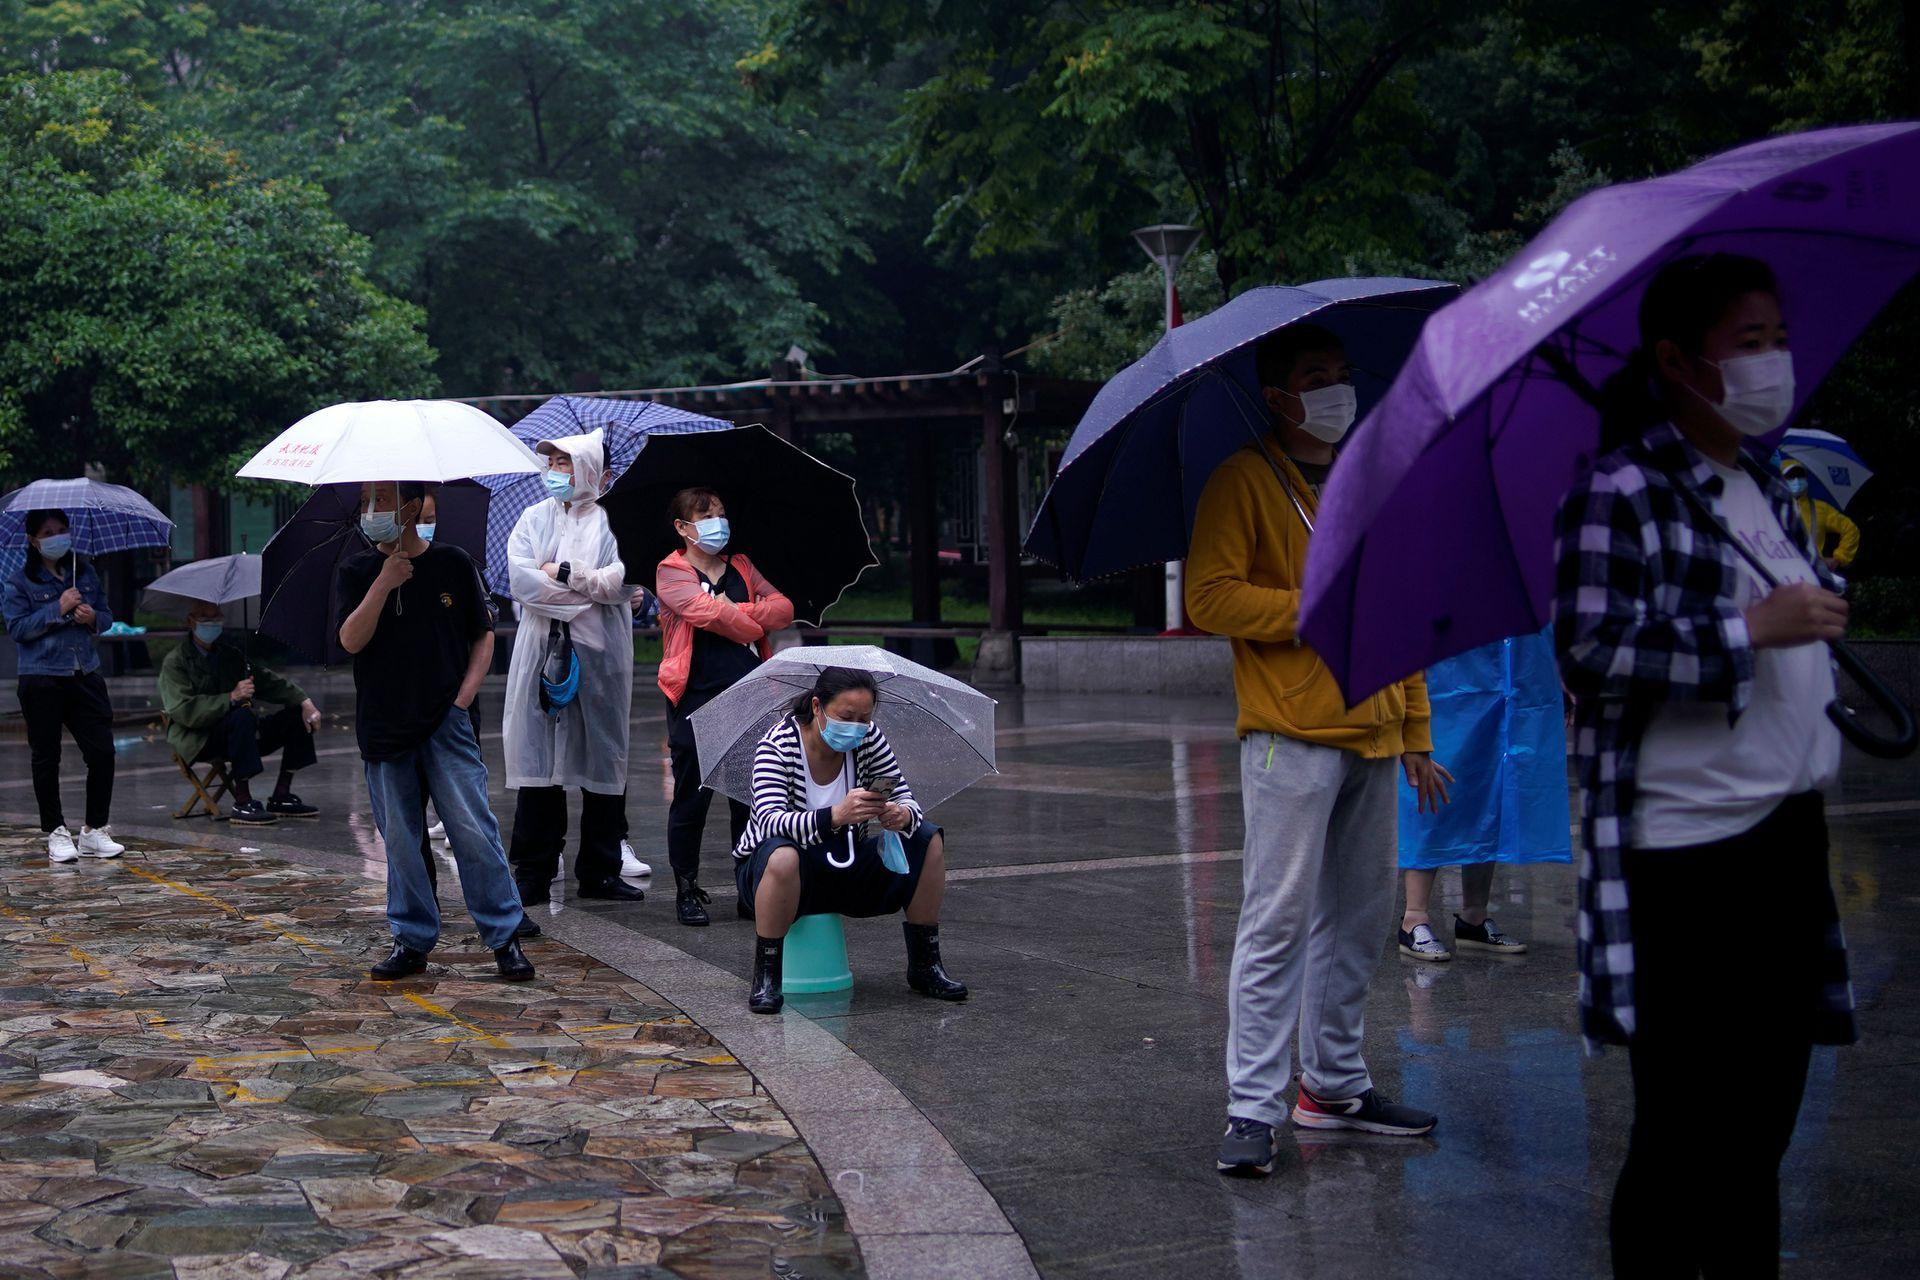 5月14日武汉,居民们戴着口罩在雨中排队进行核酸检测。(Reuters)